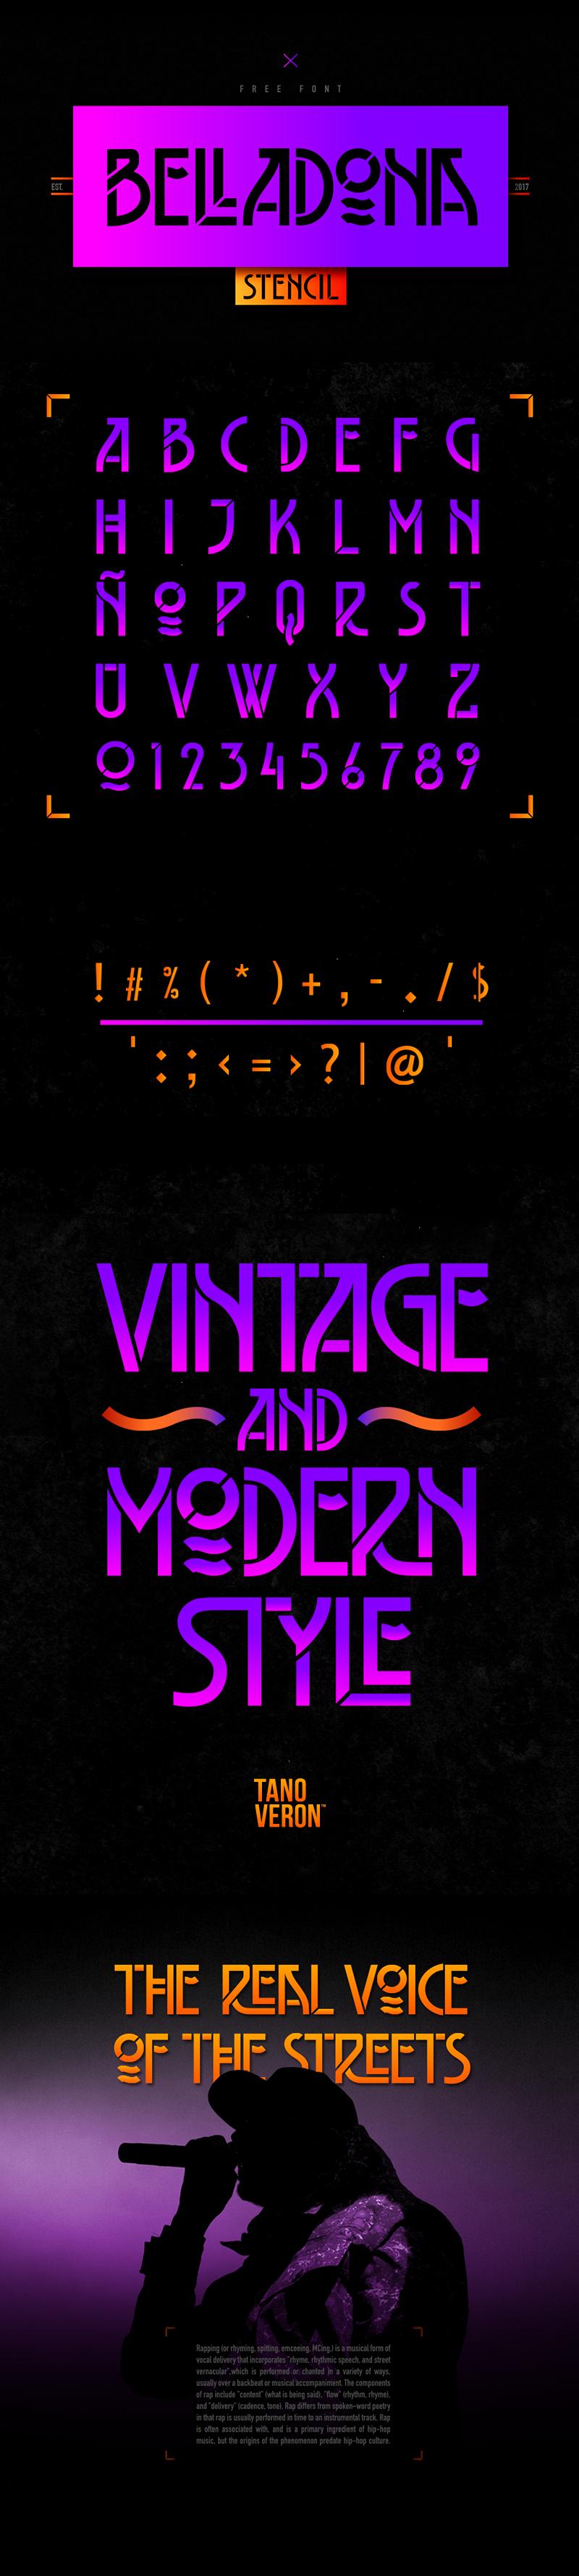 Belladona Stencil Typeface